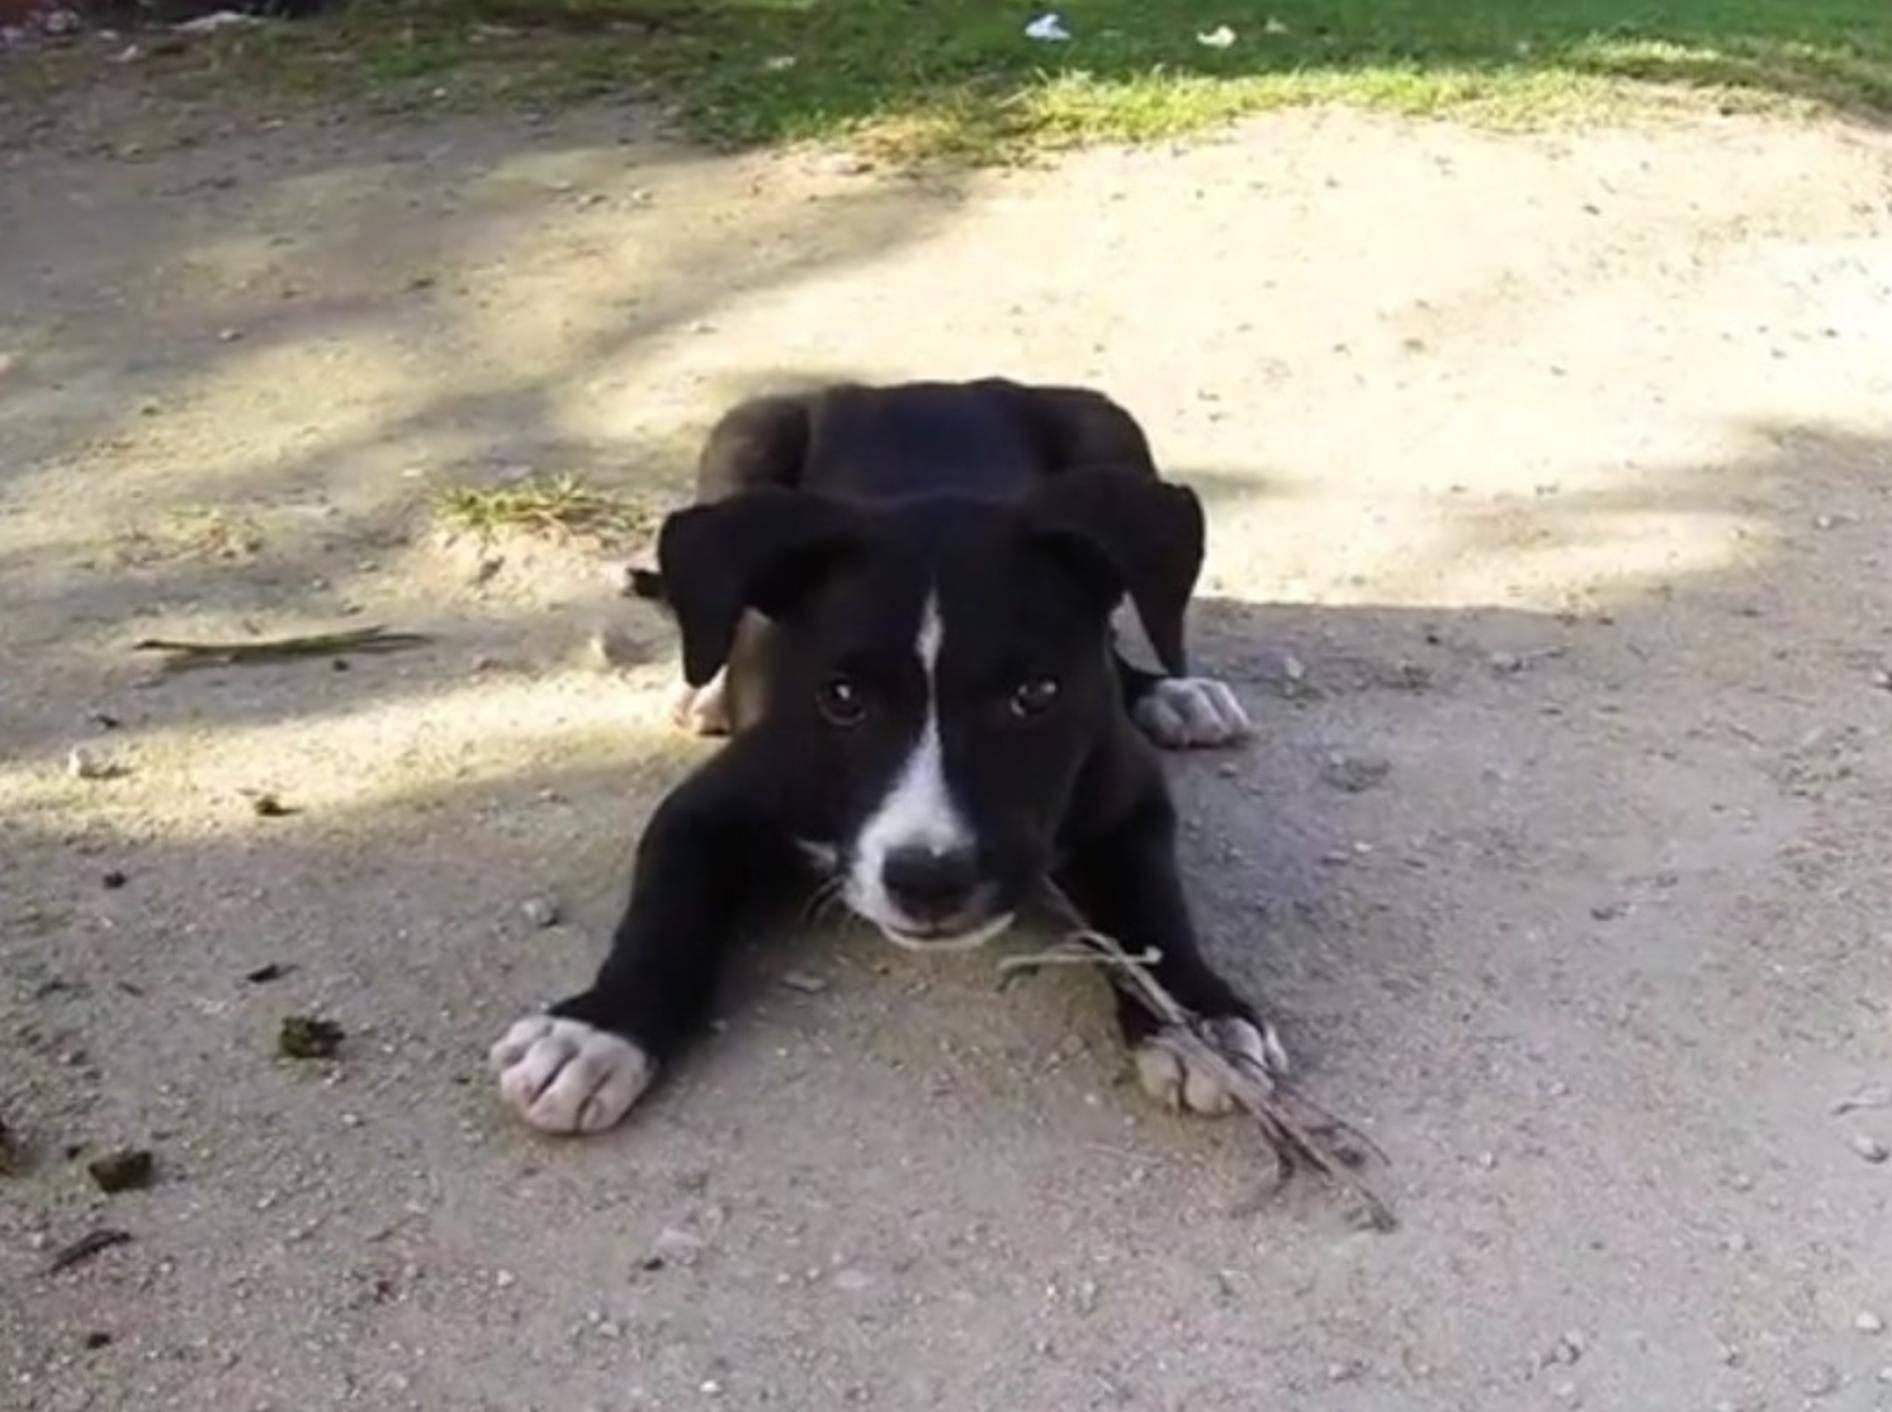 Berührungsängste? Nein, dieser kubanische Welpe spielt sofort mit seinen neuen Freunden – YouTube / Rumble Viral